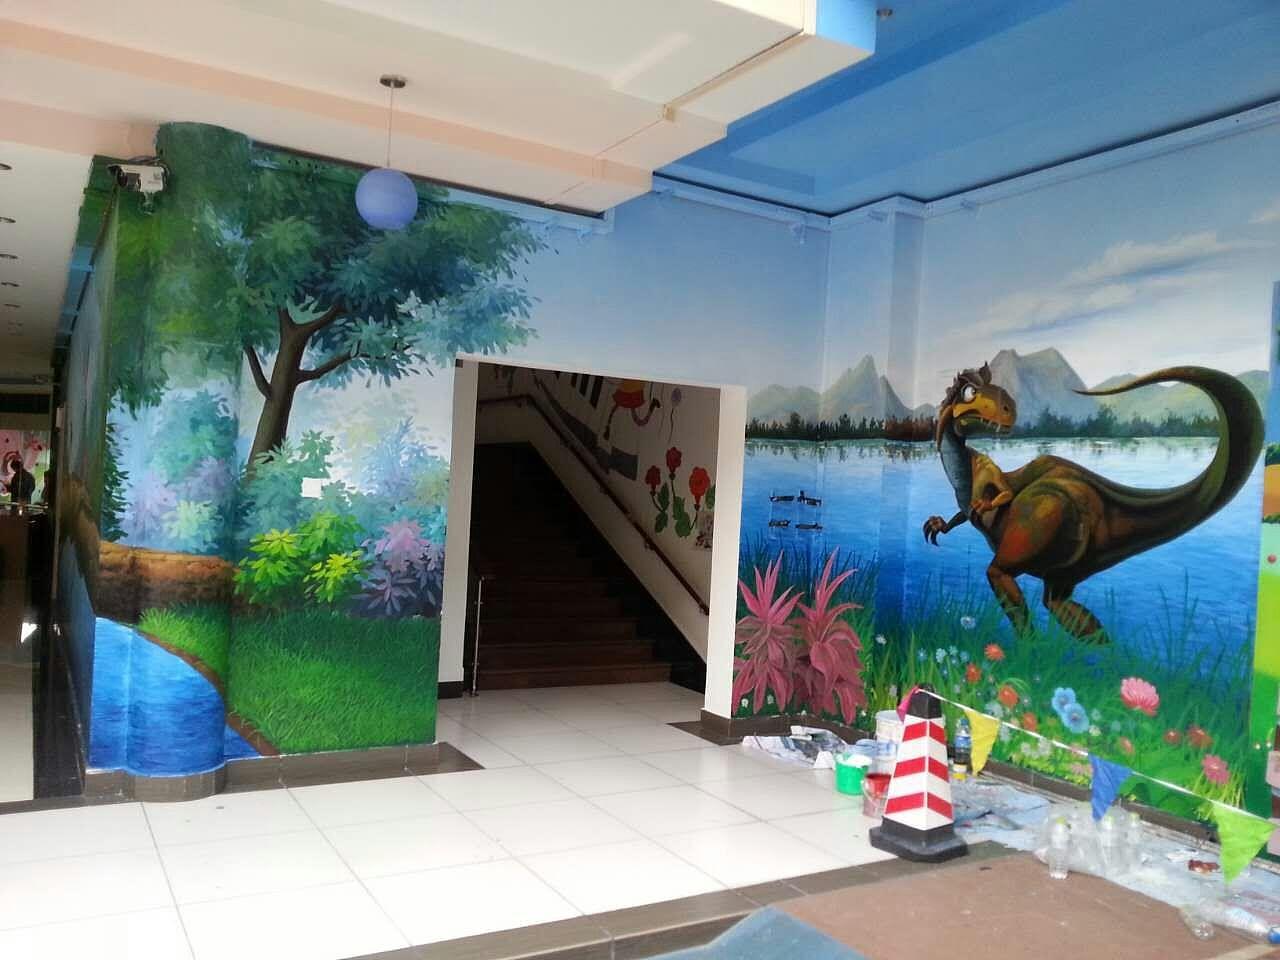 南昌彩绘墙壁公司,南昌立体画手绘,南昌背景墙墙体彩绘,南昌手绘背景墙